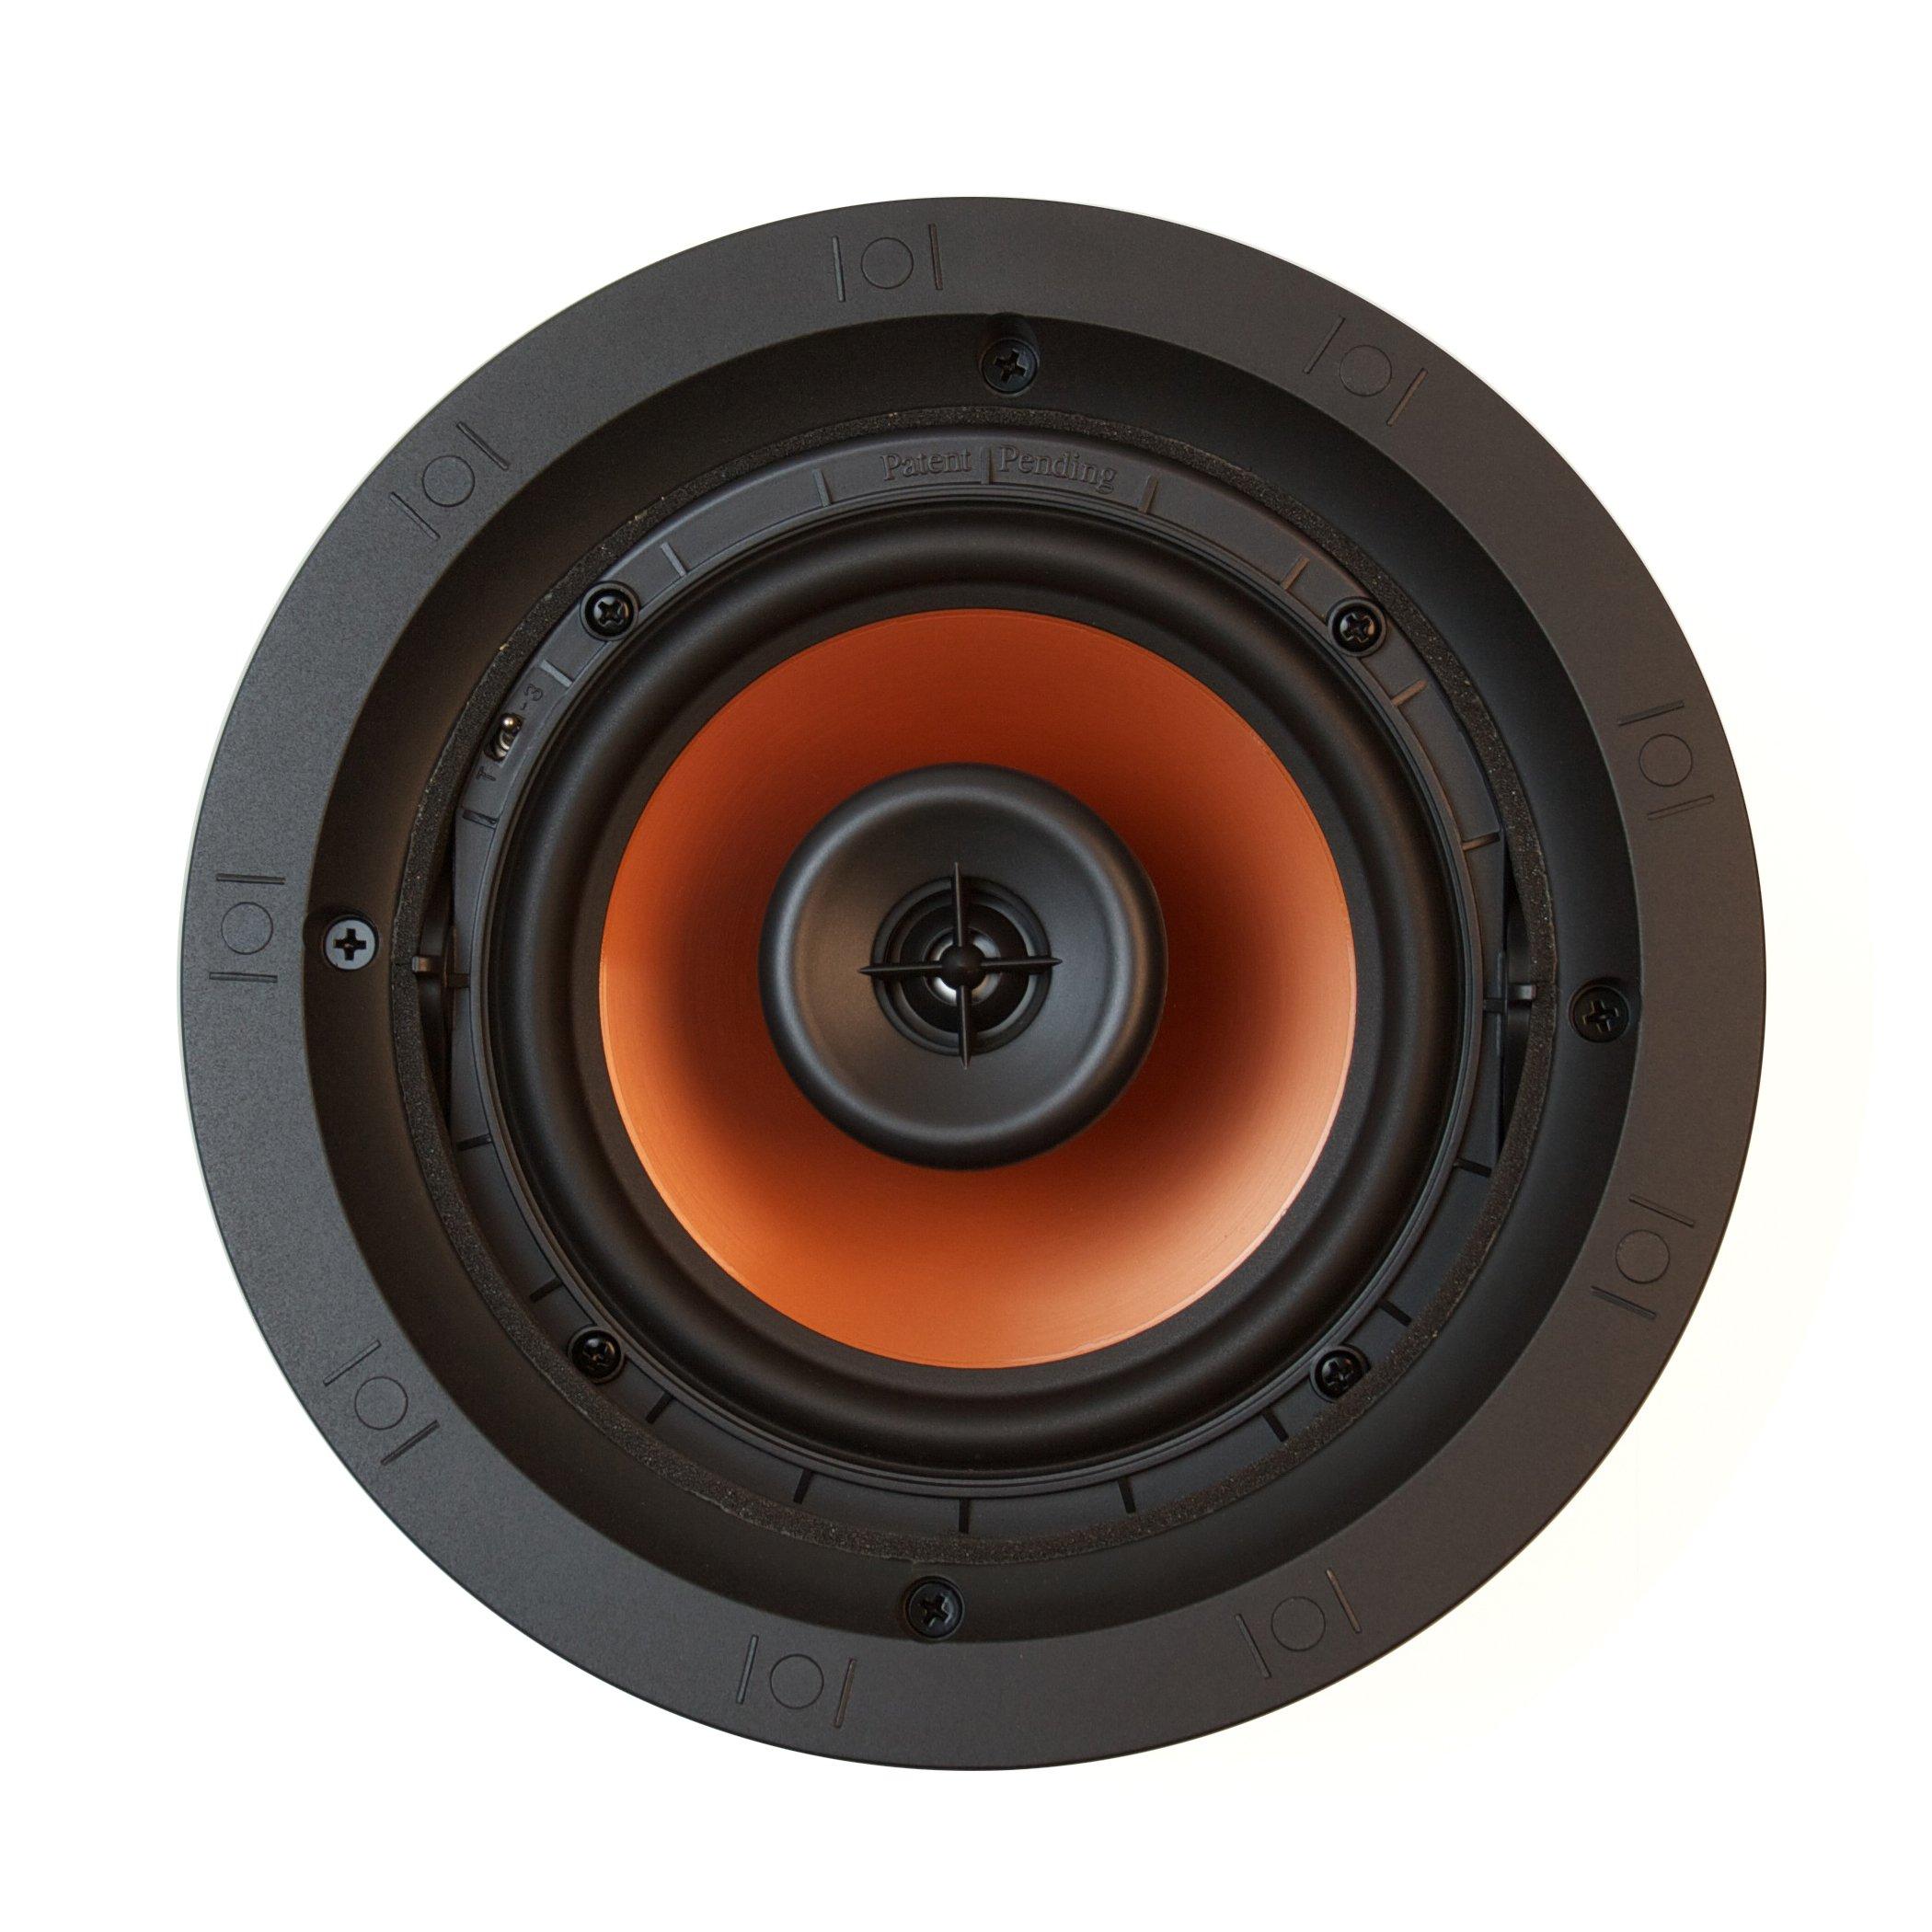 Klipsch CDT-3650-C II In-Ceiling Speaker - White (Each) by Klipsch